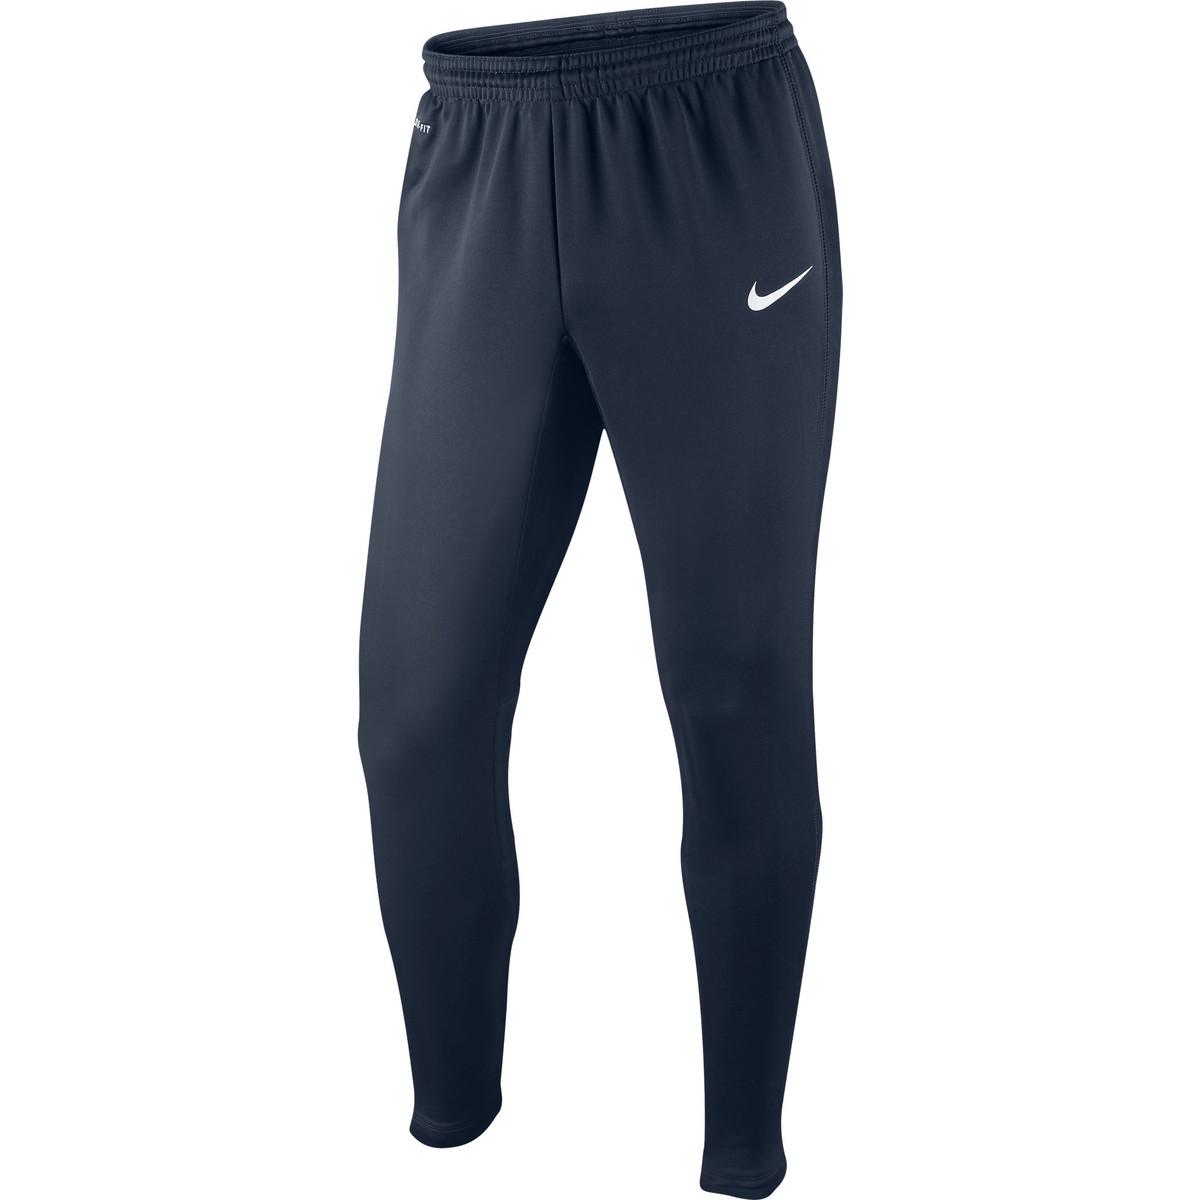 Pánské tepláky Nike TECH KNIT PANT  c91701a004